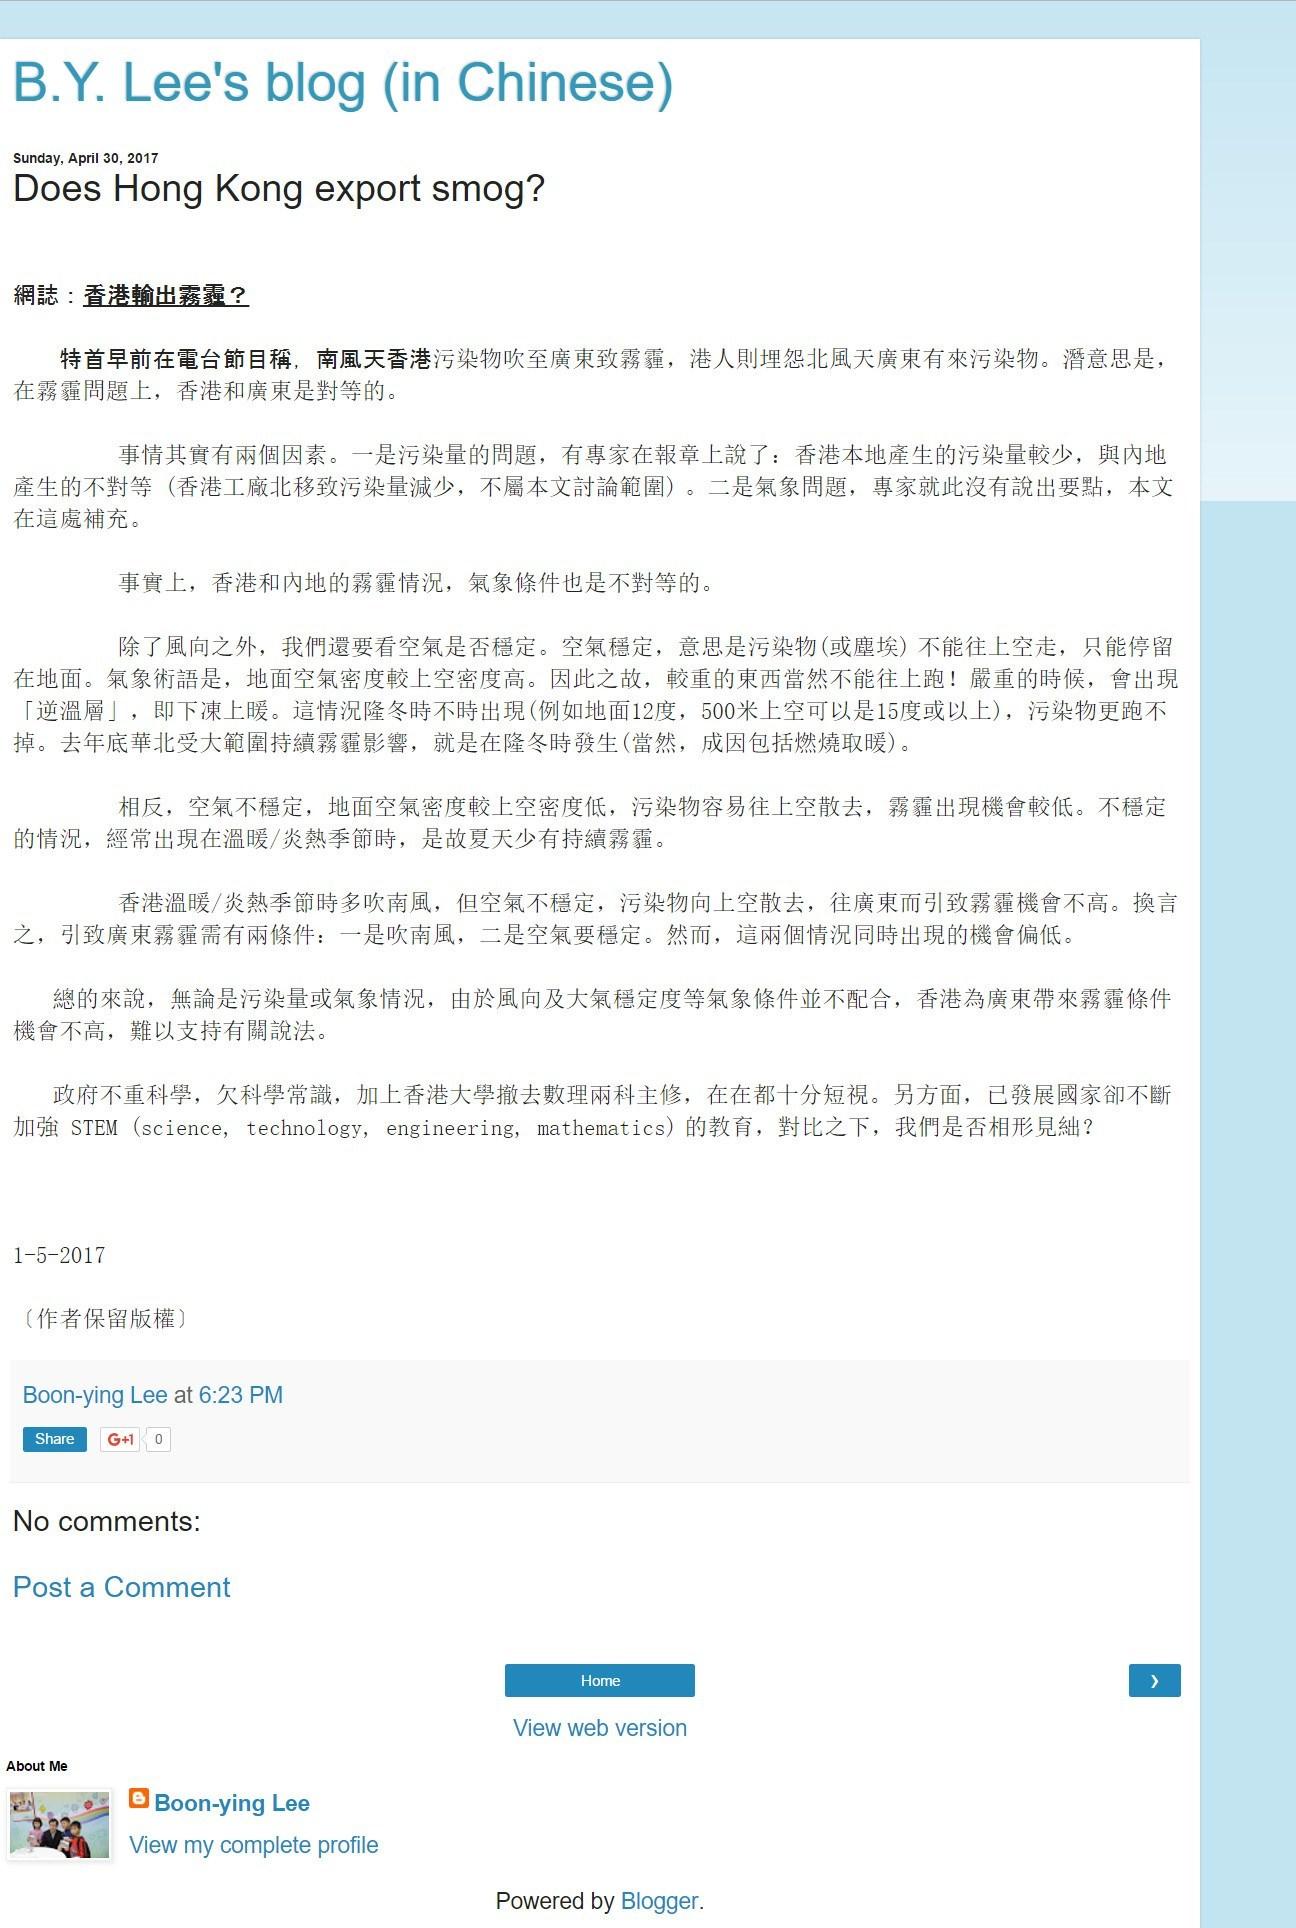 梁振英稱港污染物飄粵致霧霾 前天文台長批缺科學常識